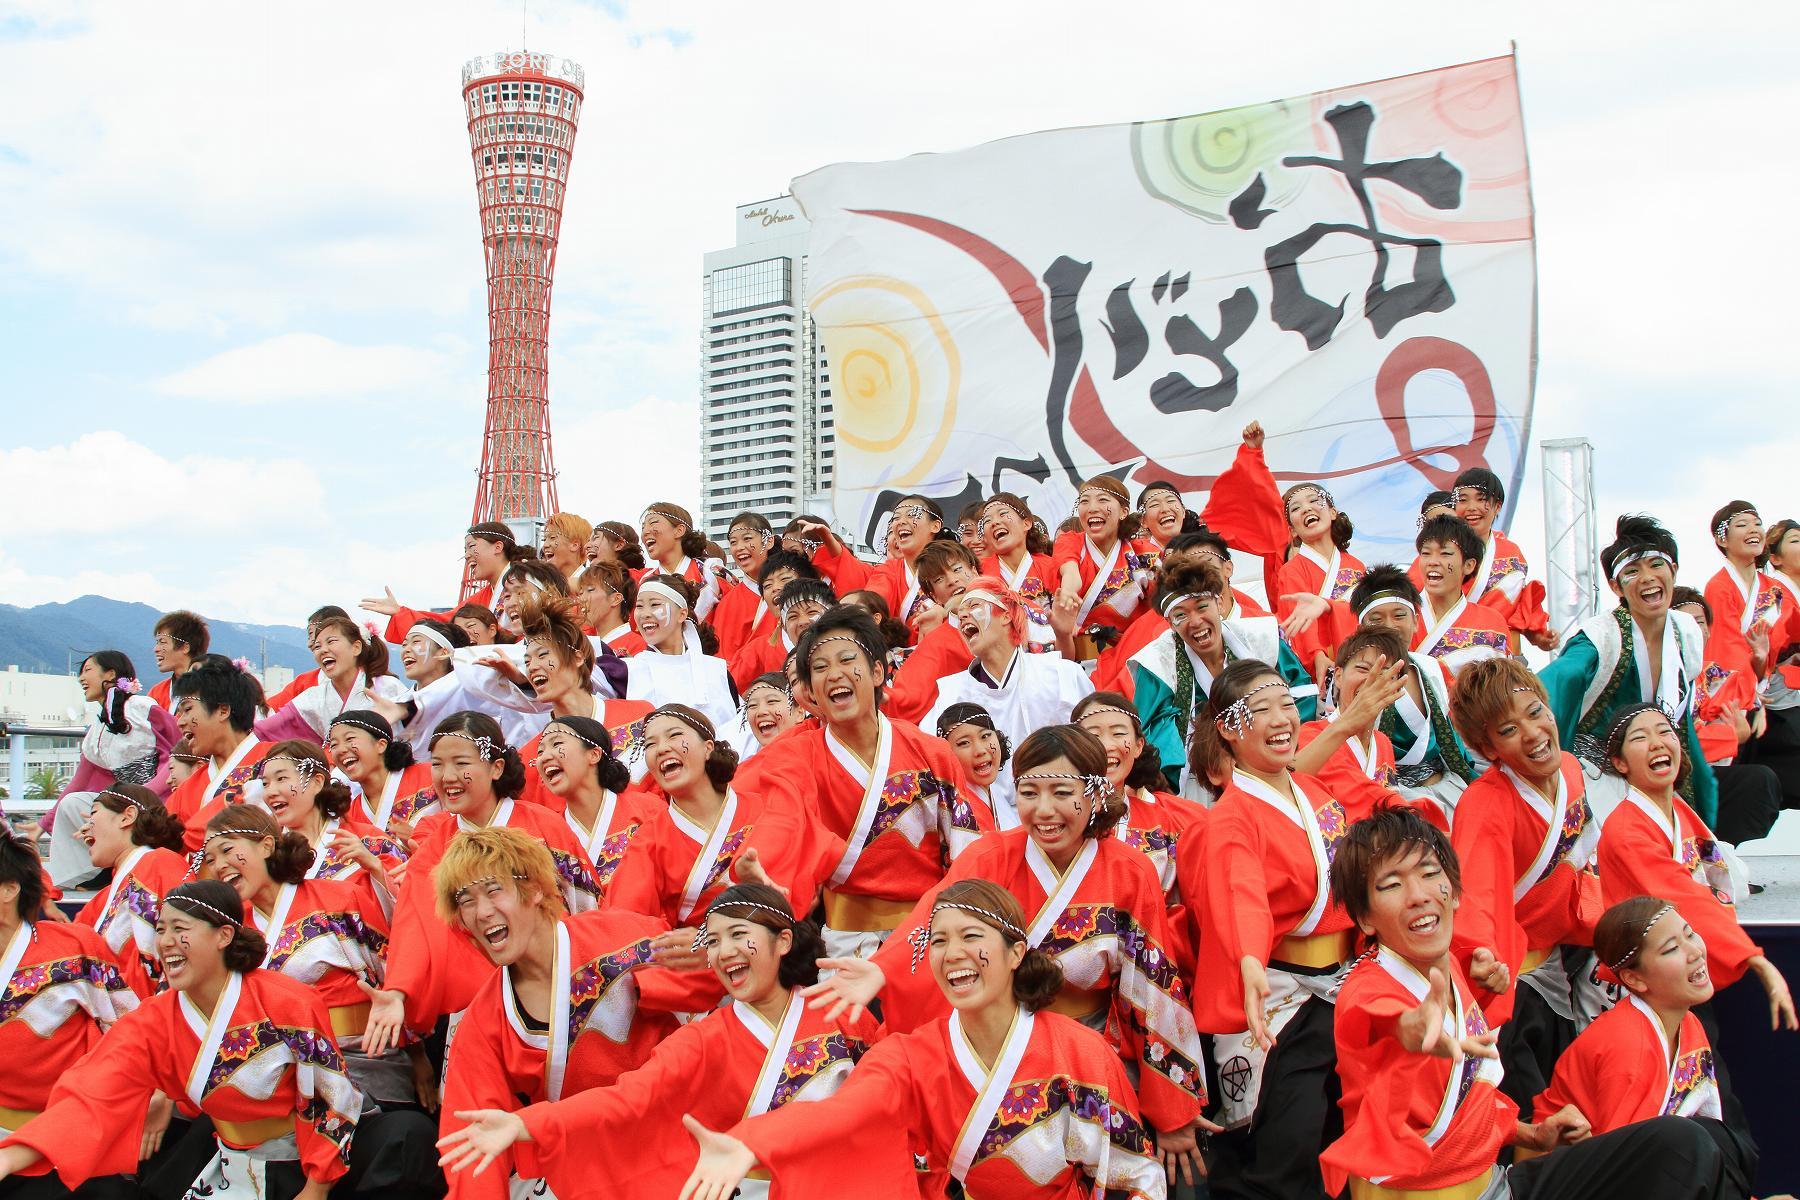 神戸ハーバーランドと垂水区周辺で「神戸よさこいまつり2018」が8月31日~9月2日まで開催されるよ! #神戸よさこいまつり #よさこい #夏イベント #ハーバーランド #垂水区